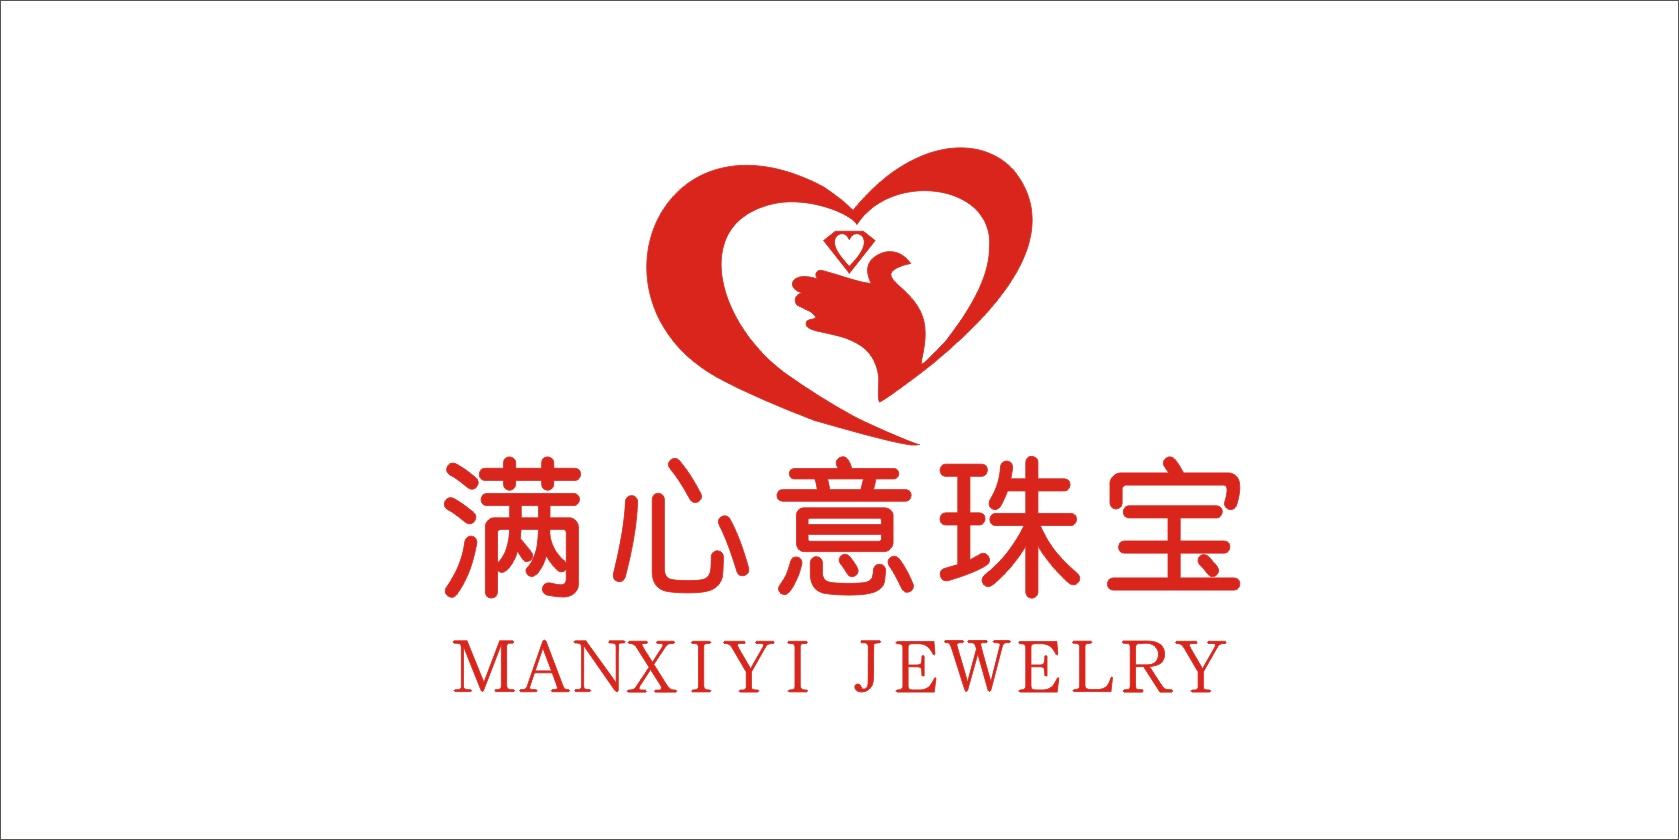 深圳市滿心意珠寶有限公司